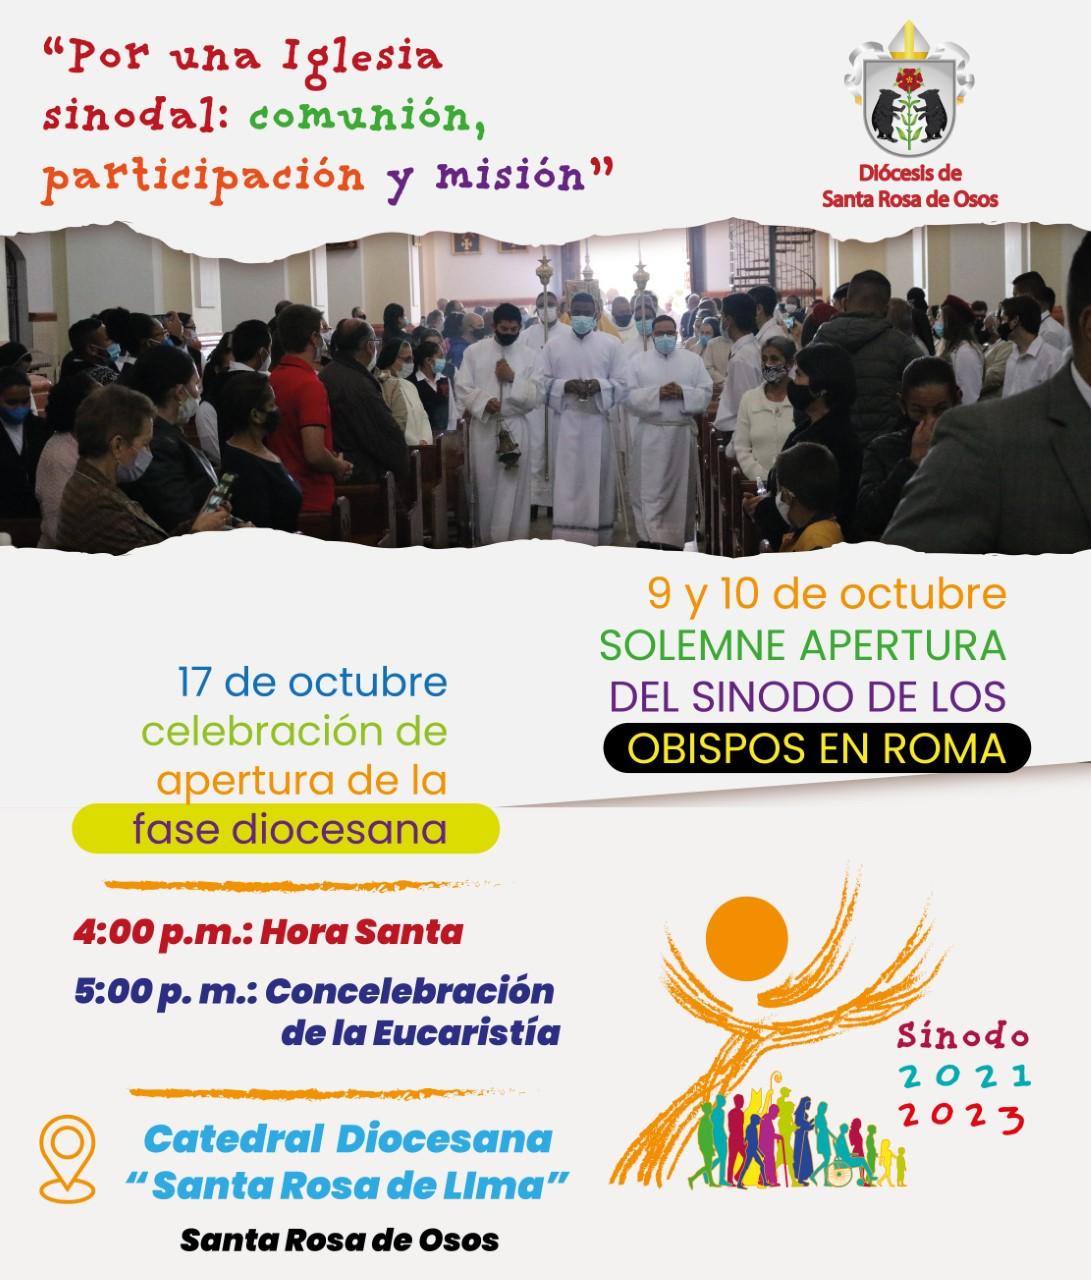 Invitación al sínodo de los obispos.